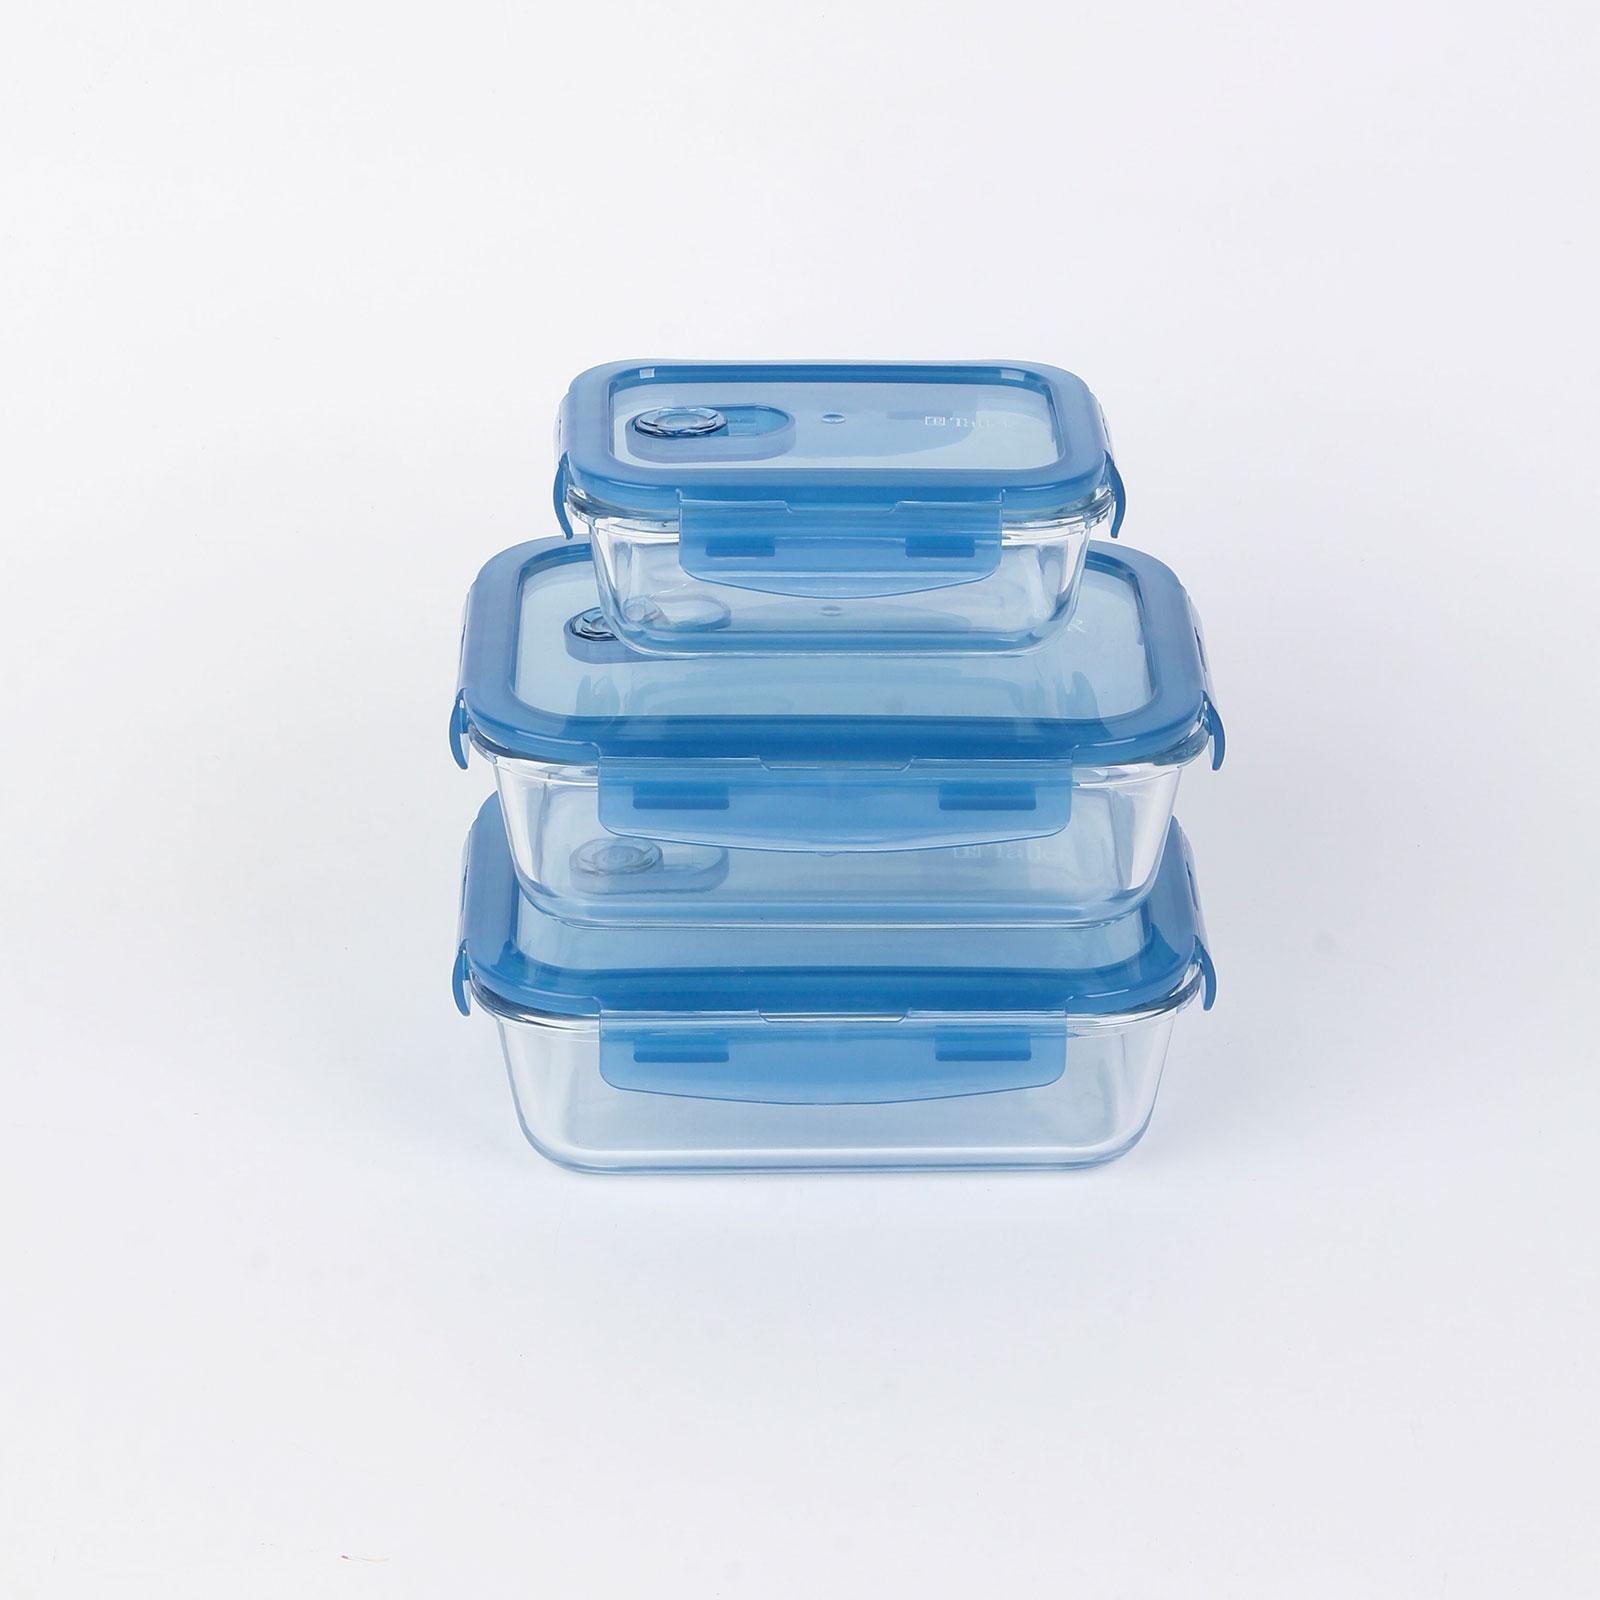 Набор контейнеров из жаропрочного стекла